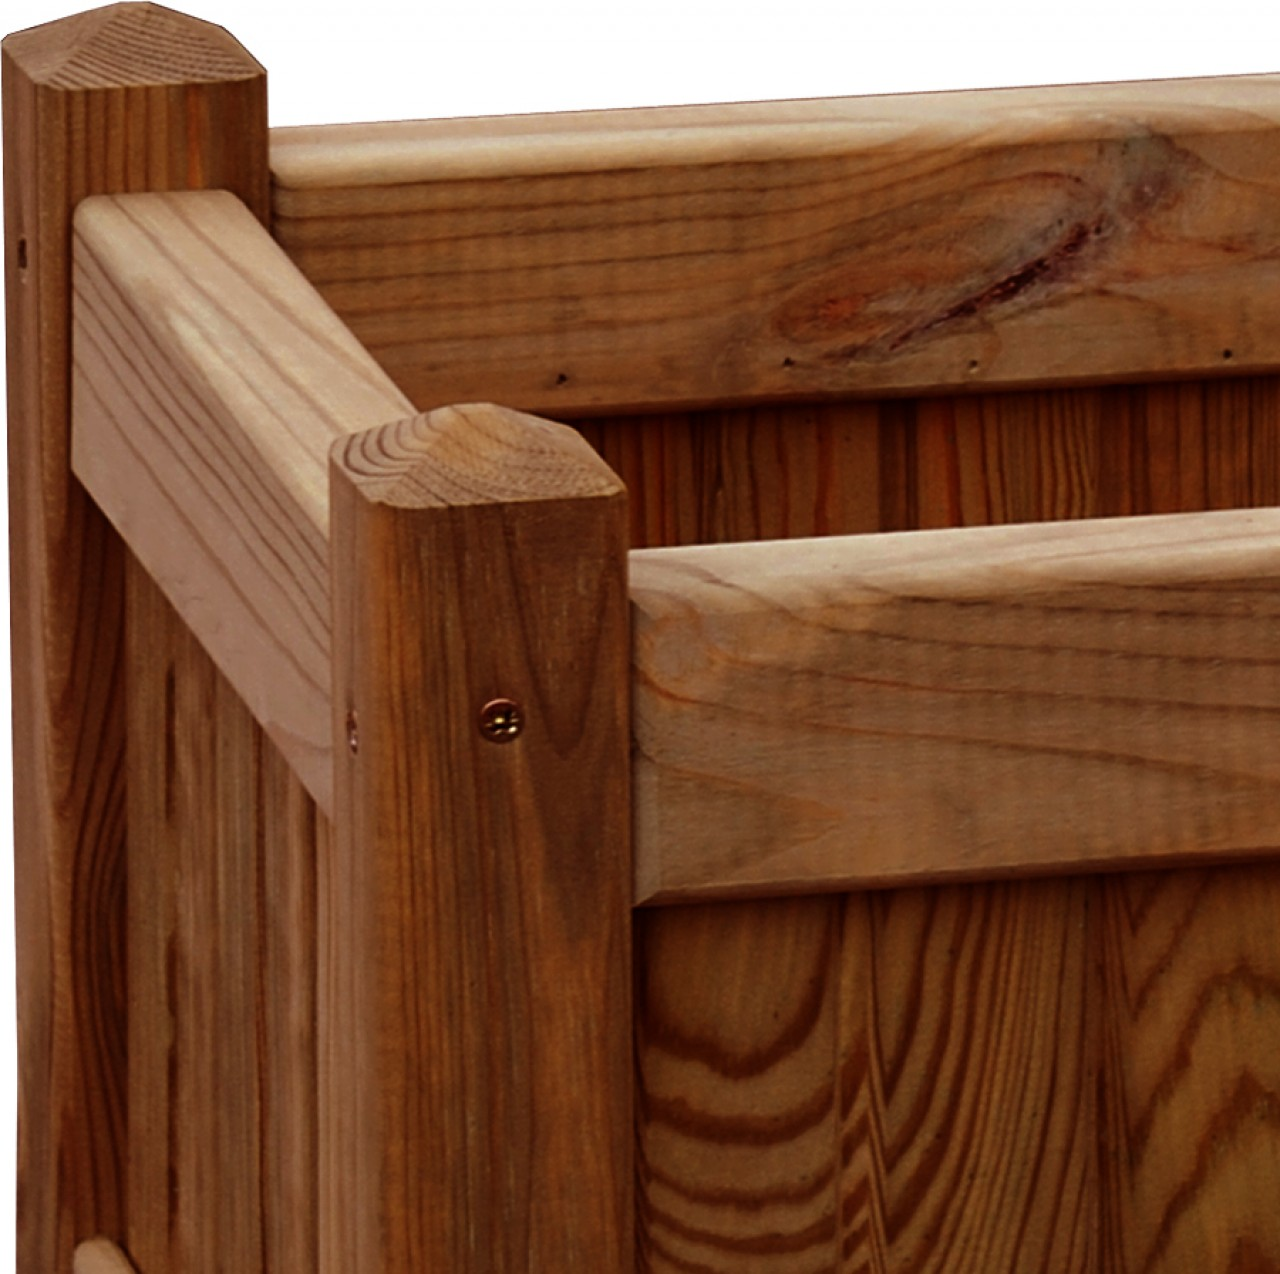 Donica drewniana 330 x 330 x 330 mm impregnacja brąz